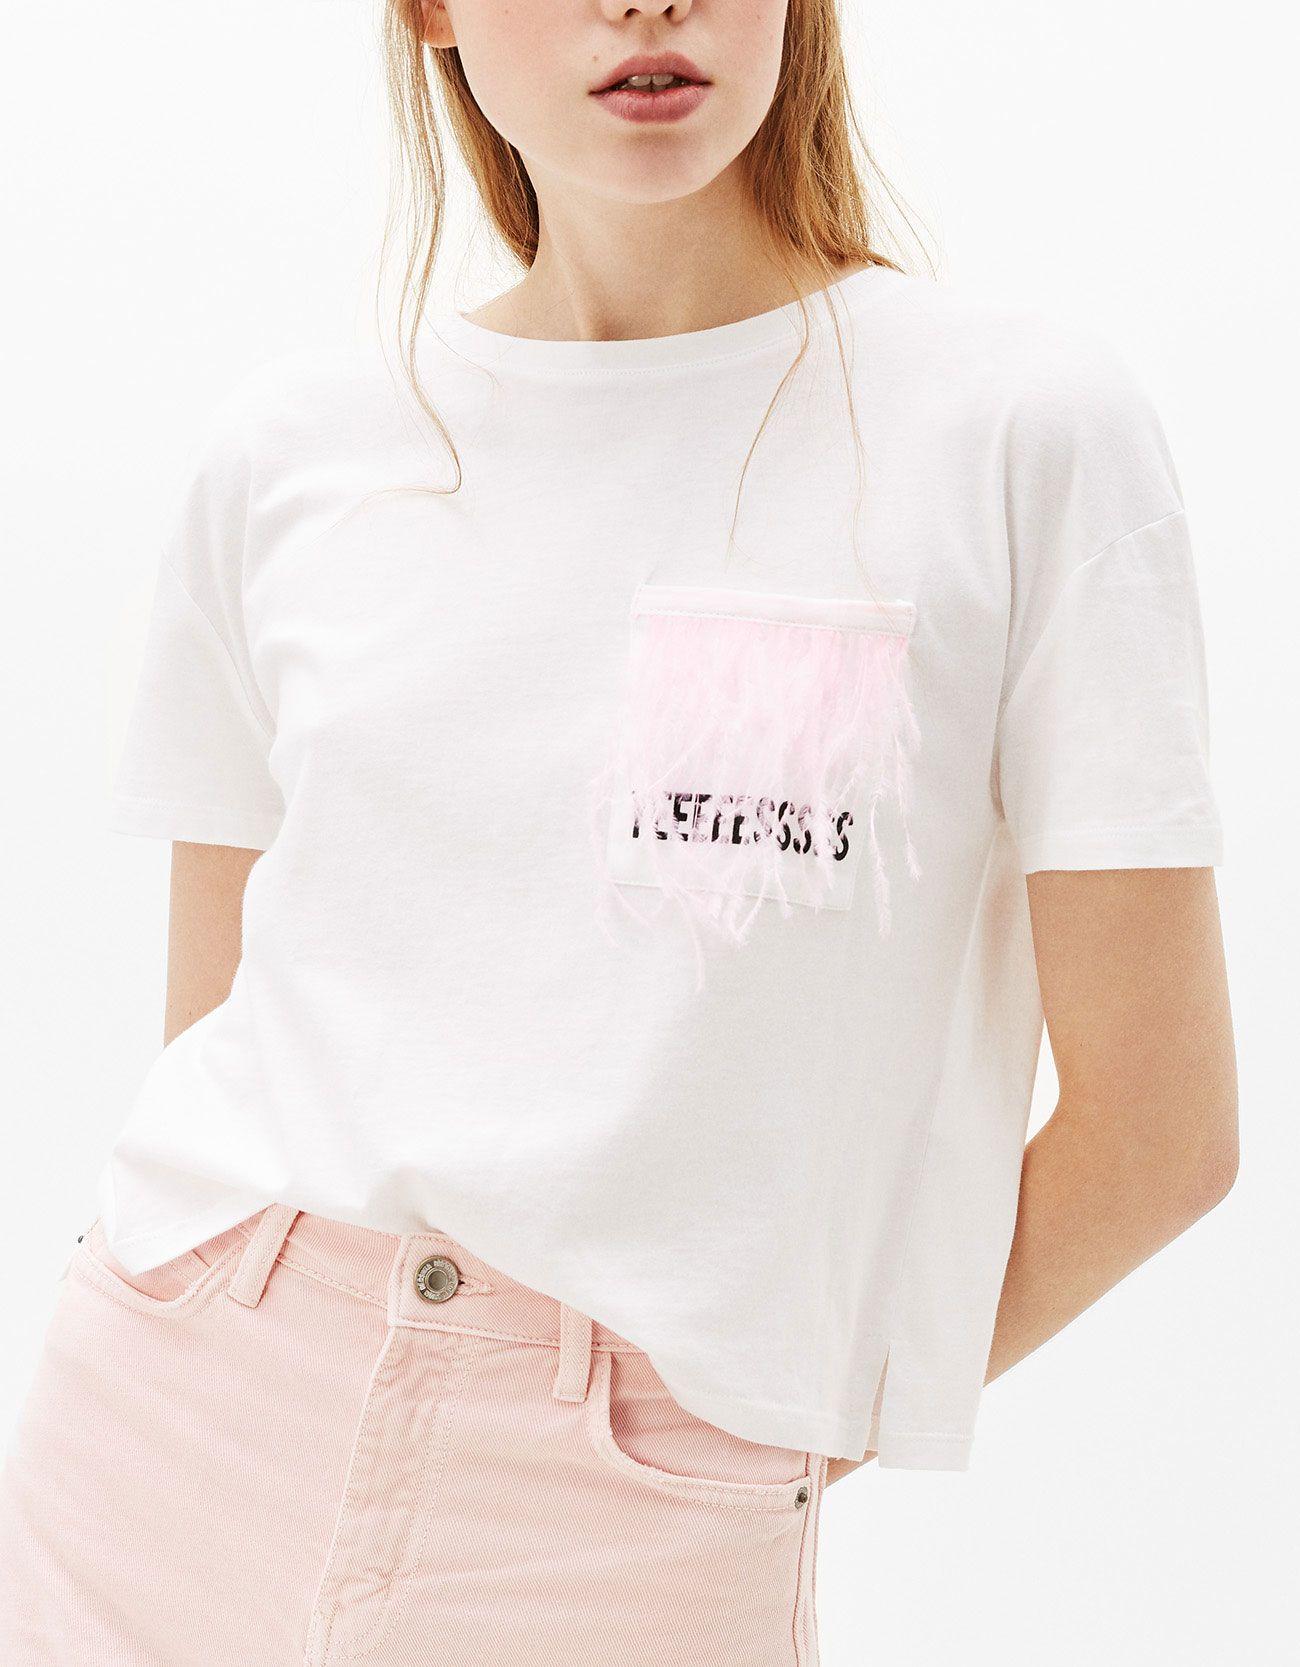 Camiseta cropped bolsillo plumas. Descubre ésta y muchas otras prendas en Bershka con nuevos productos cada semana